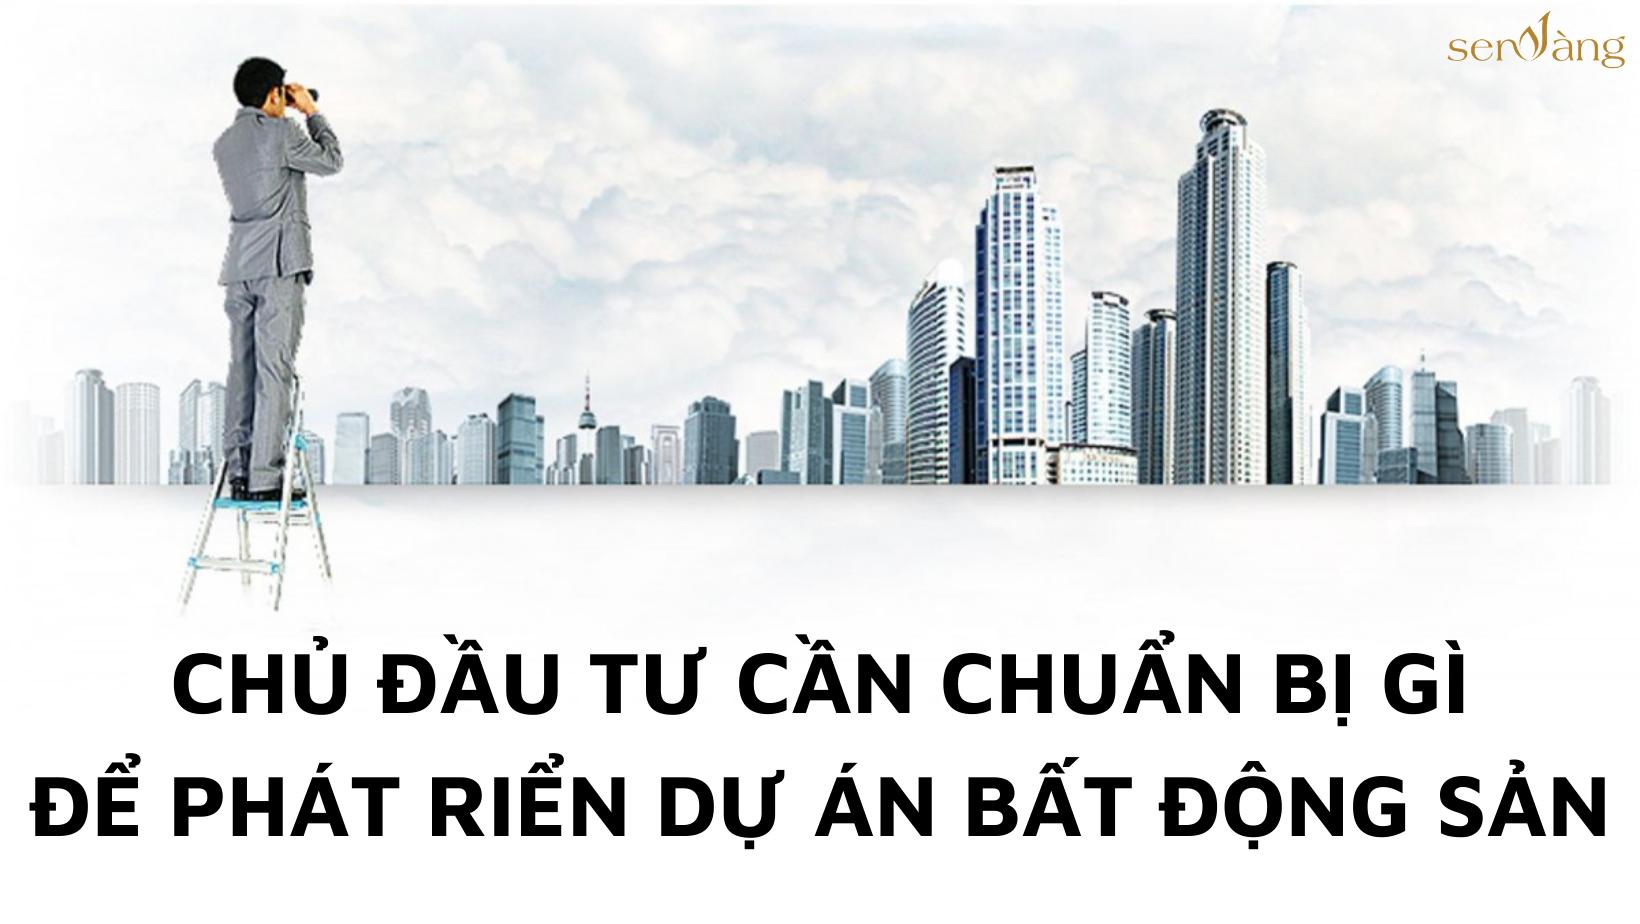 Chủ đầu tư cần chuẩn bị gì để phát triển dự án bất động sản